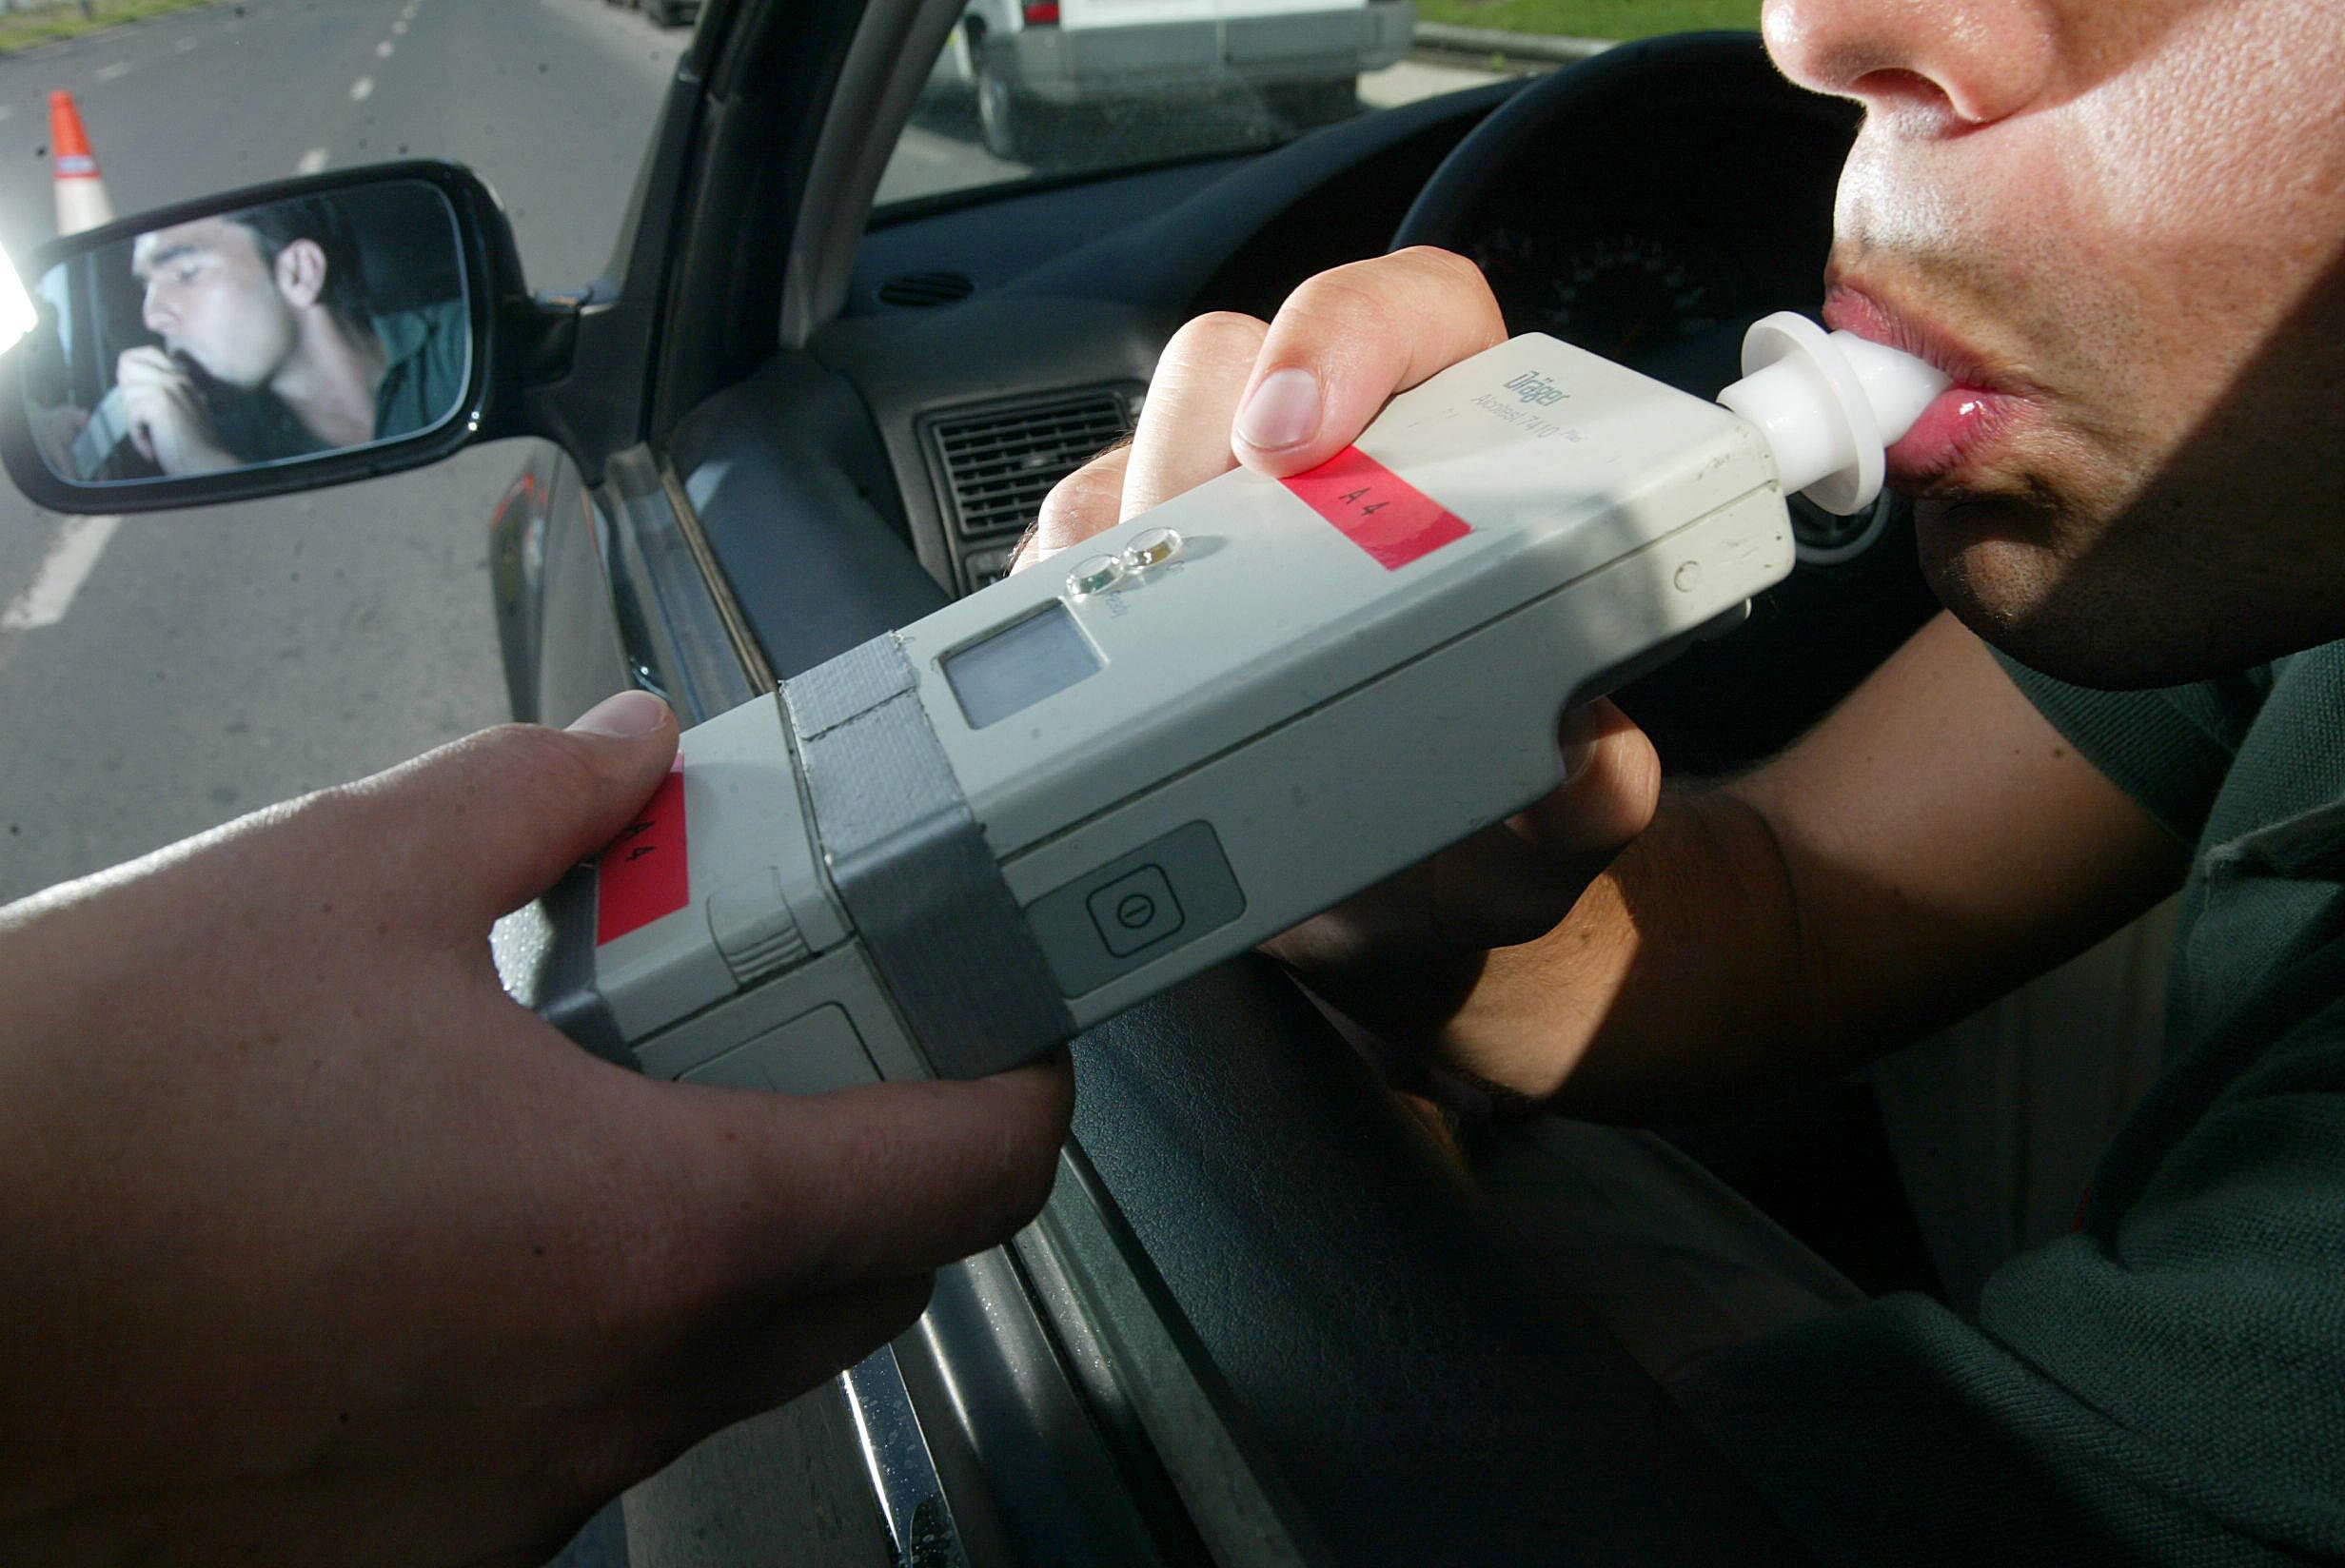 La Policía arresta a un tipo por conducir sin carné ni seguro, dar positivo en cocaína y llevar 400 pastillas